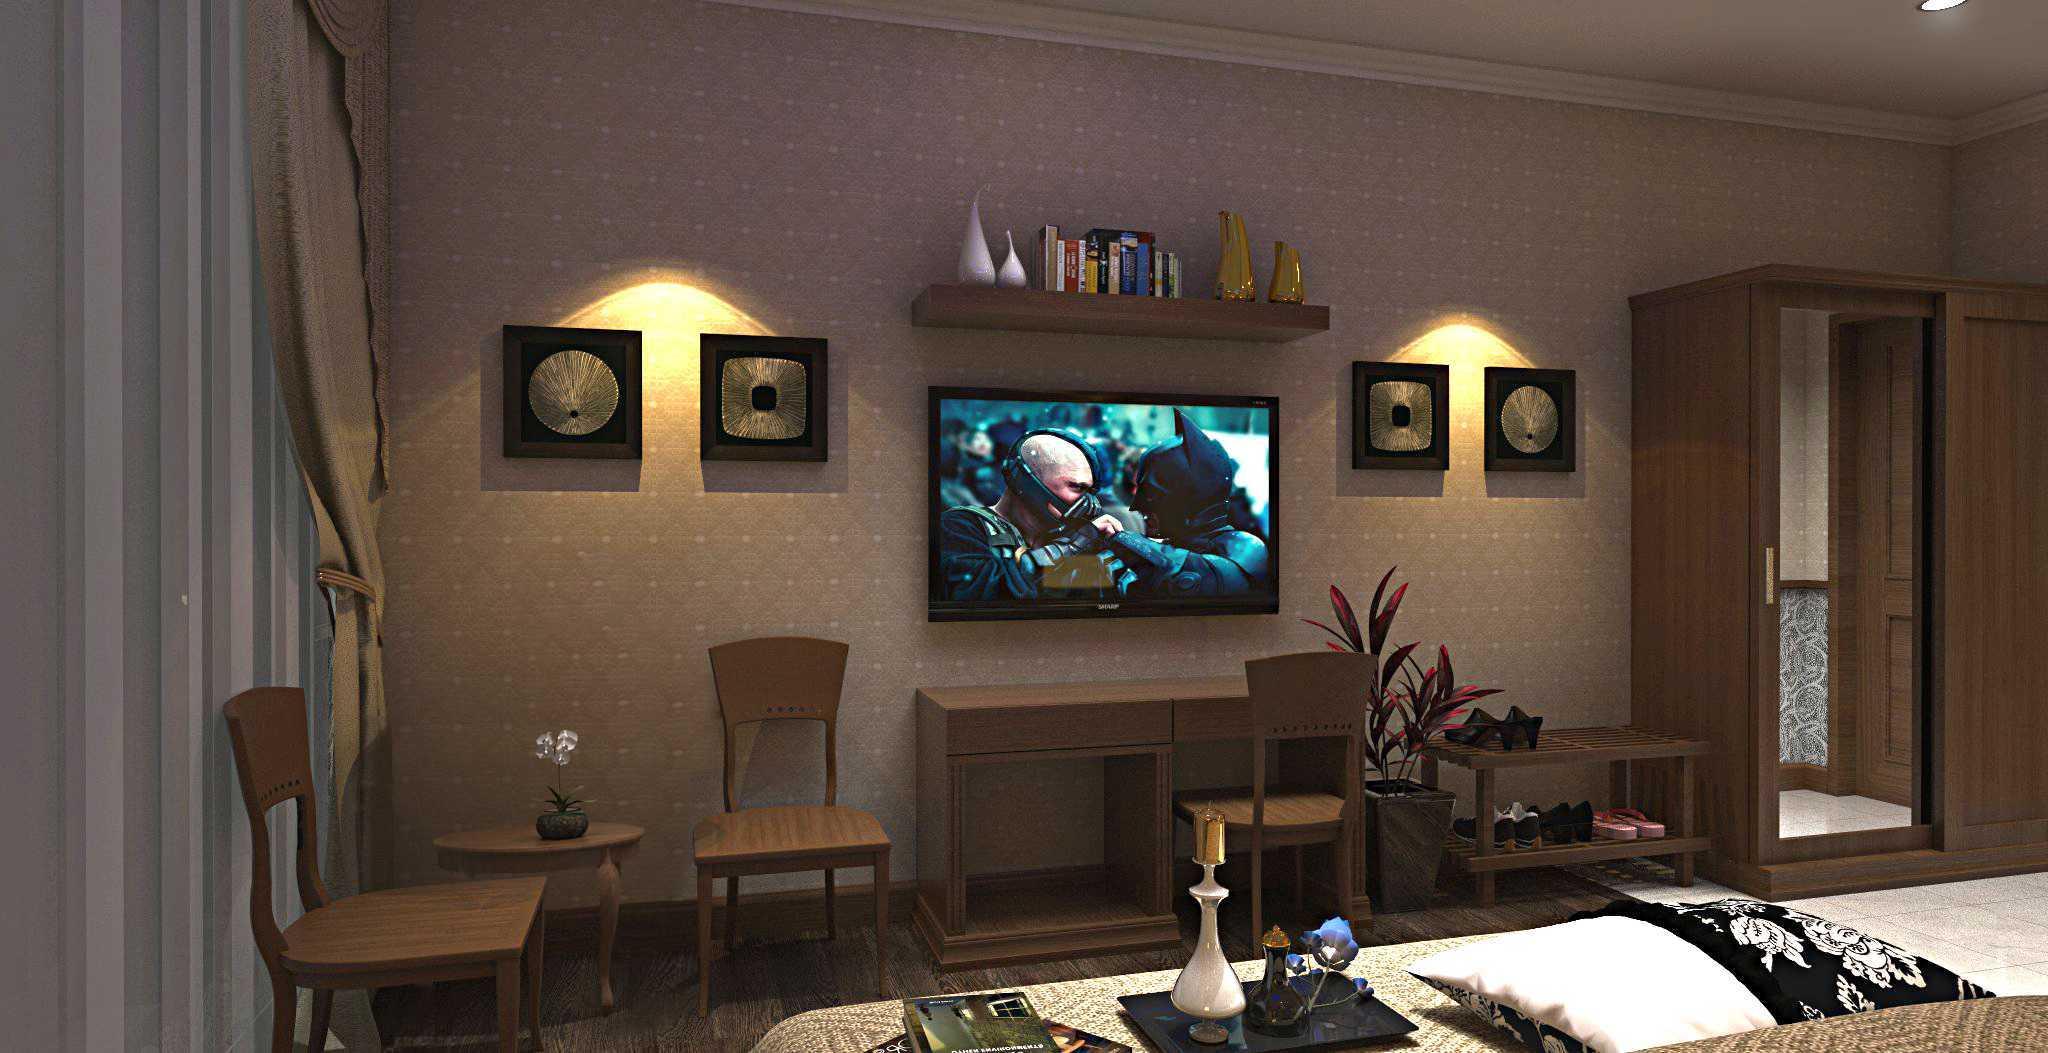 Triasteri Interior And Design Classical Hotel Bogor, West Java, Indonesia Bogor, West Java, Indonesia Livingroom Klasik  19811